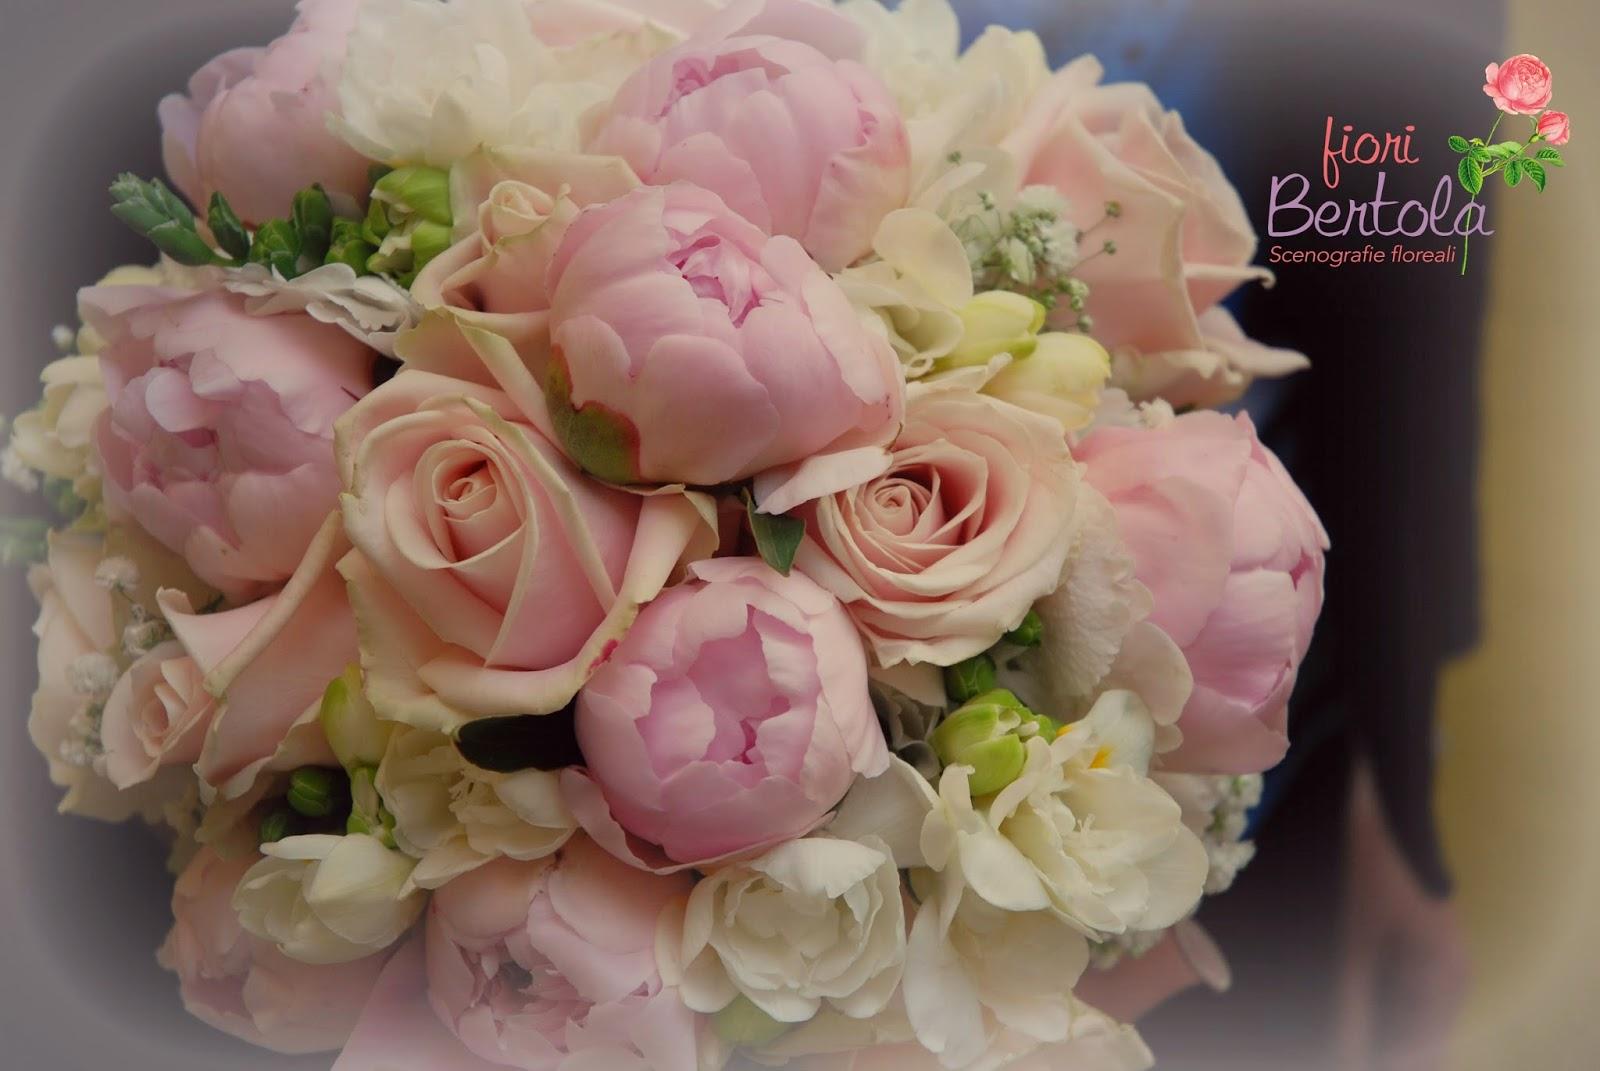 Matrimonio Tema Rosa Cipria : Fiori bertola matrimonio in bianco e rosa cipria